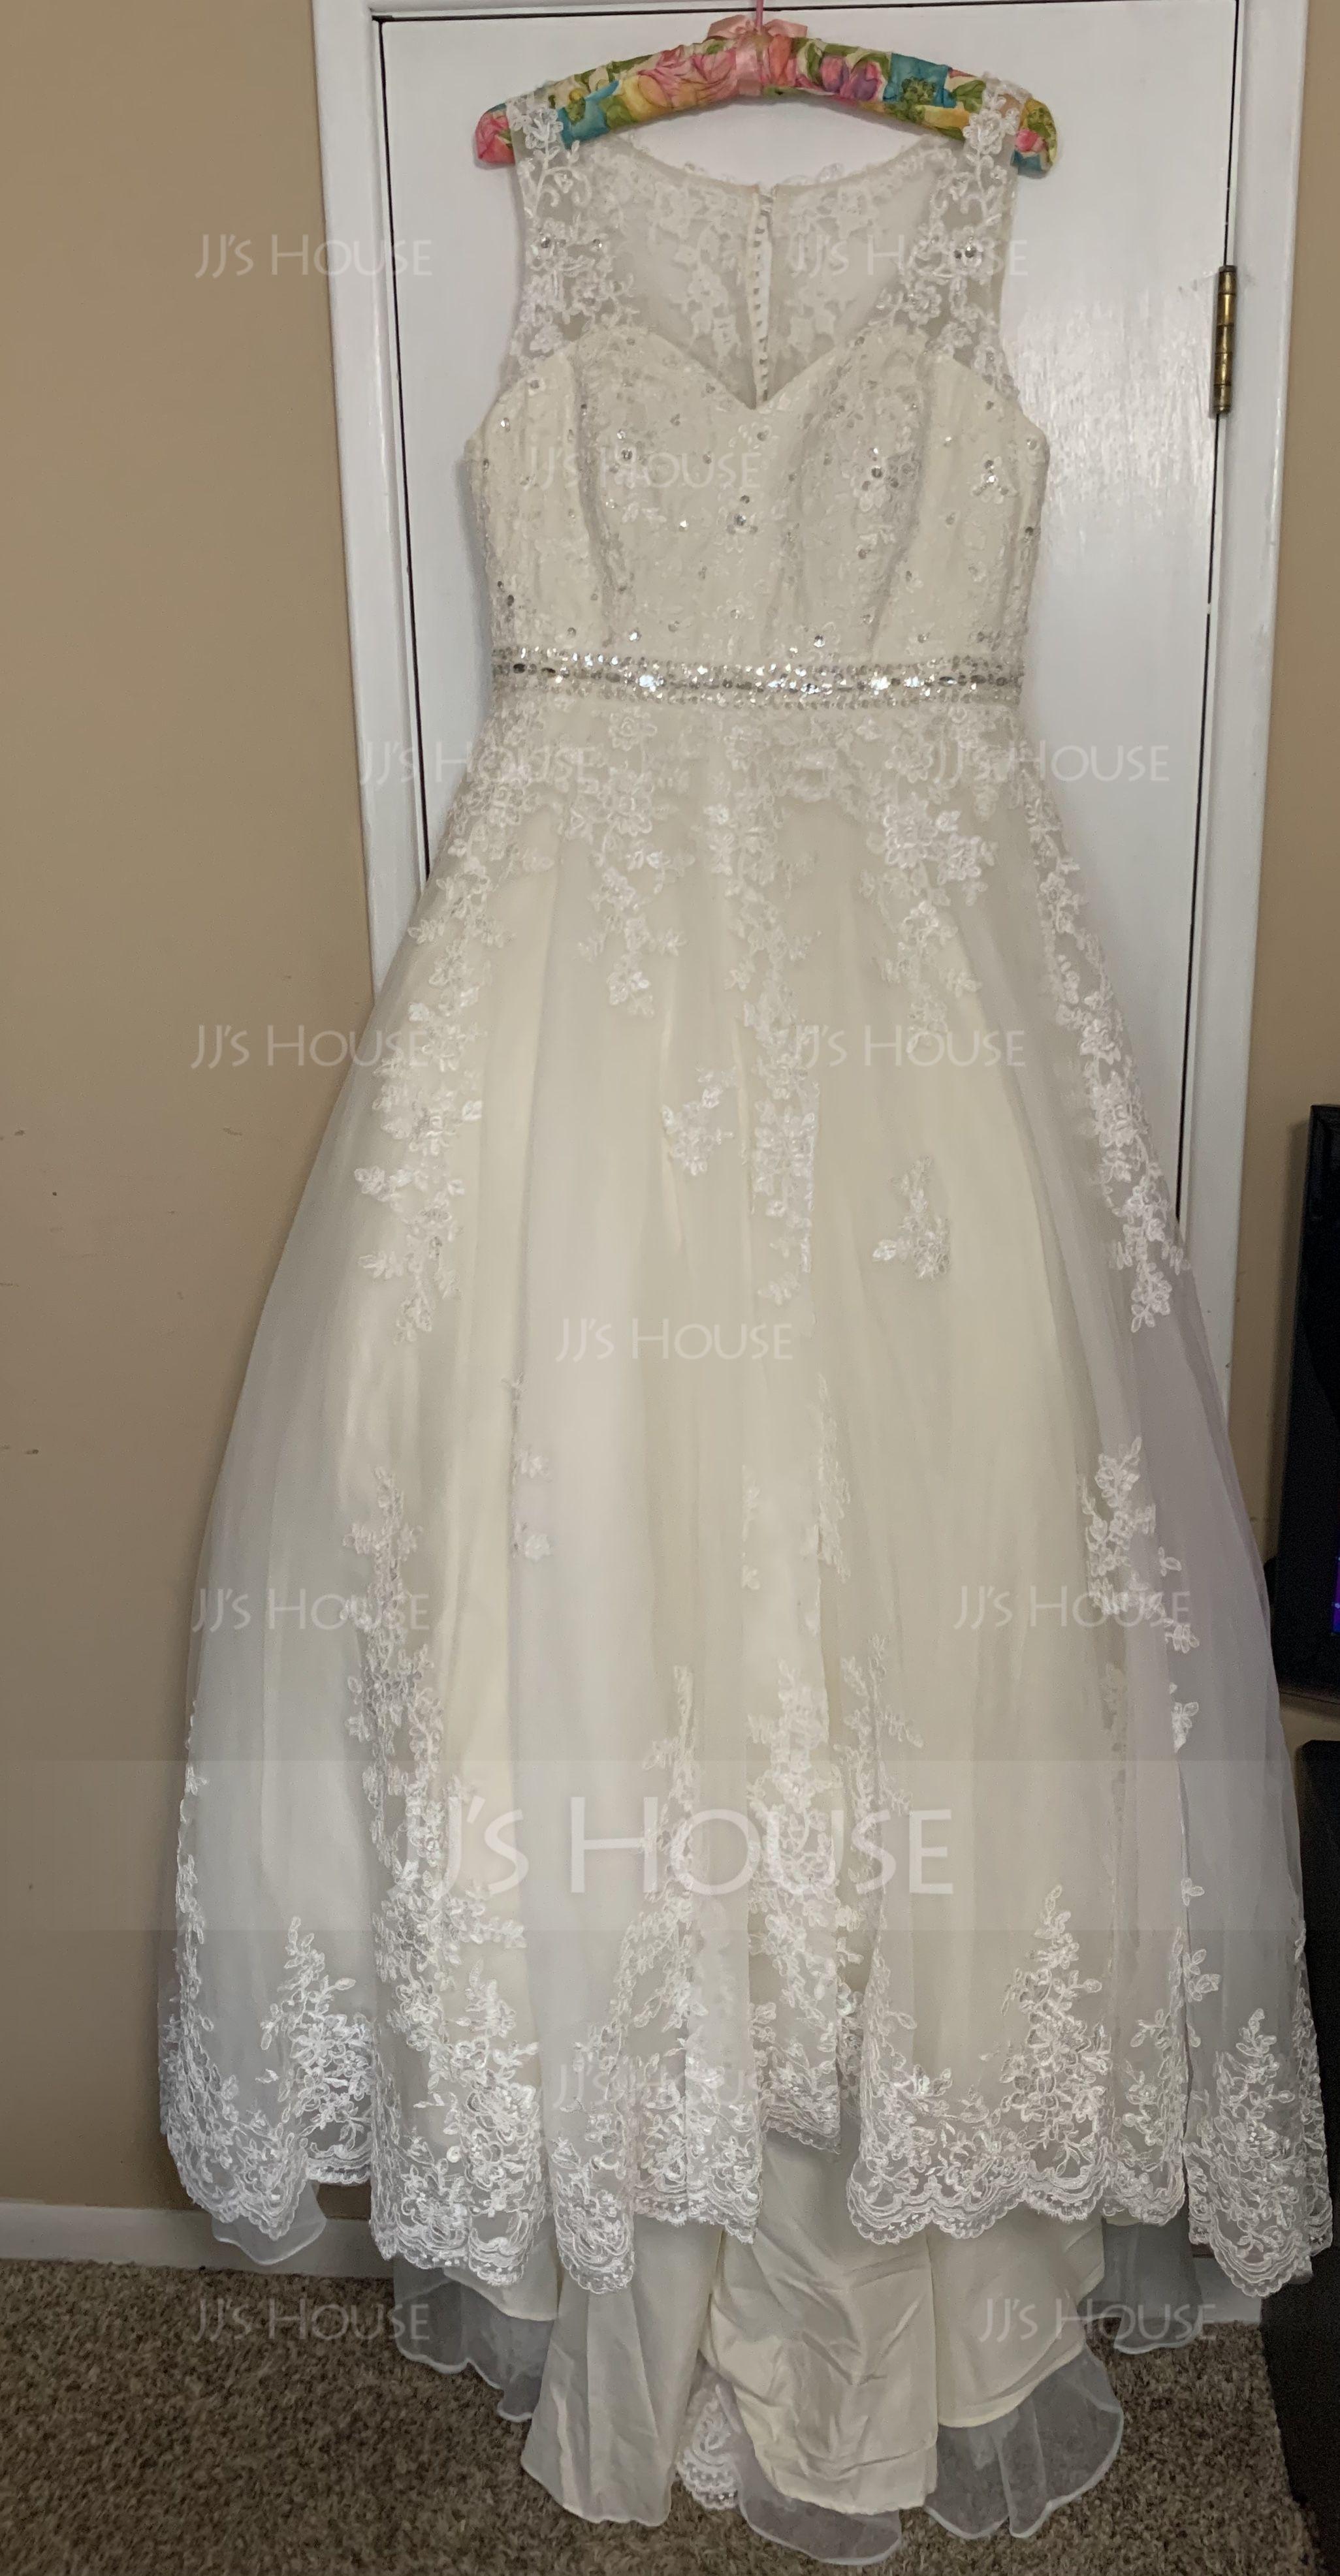 Robe Marquise/Princesse Col V Traîne moyenne Tulle Robe de mariée avec Brodé Paillettes (002186387)